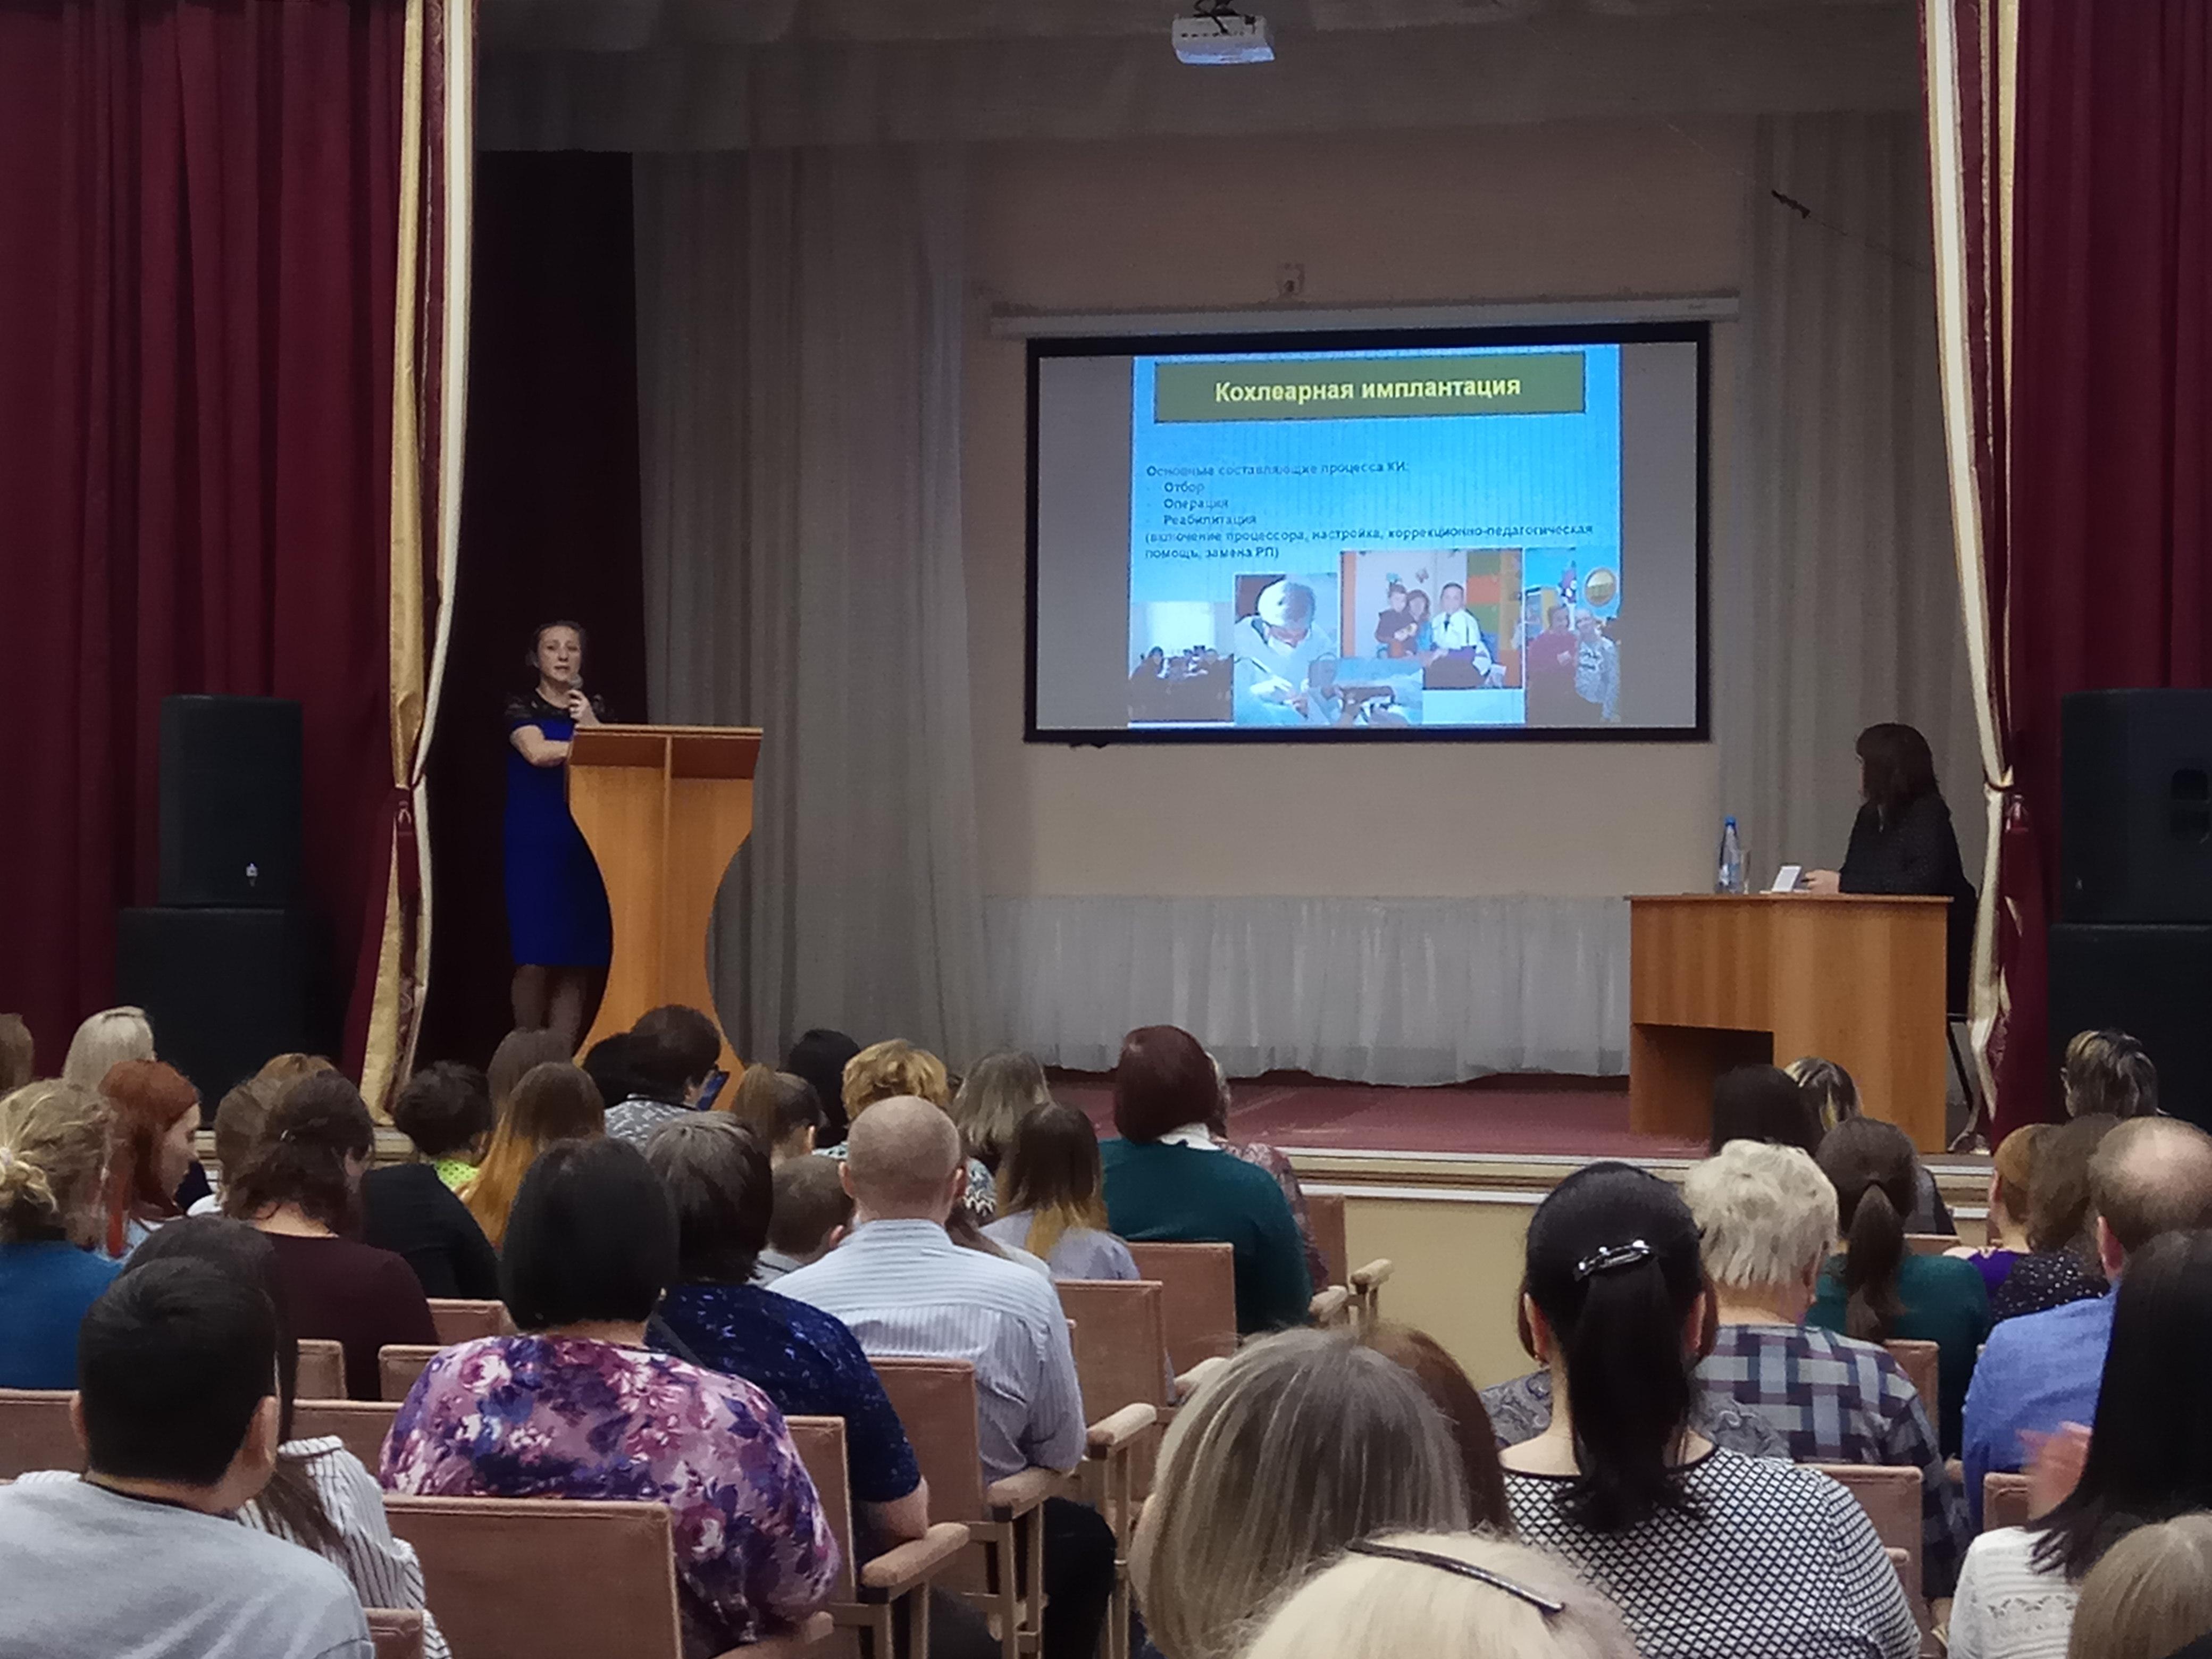 Конференция в Кургане по кохлеарной